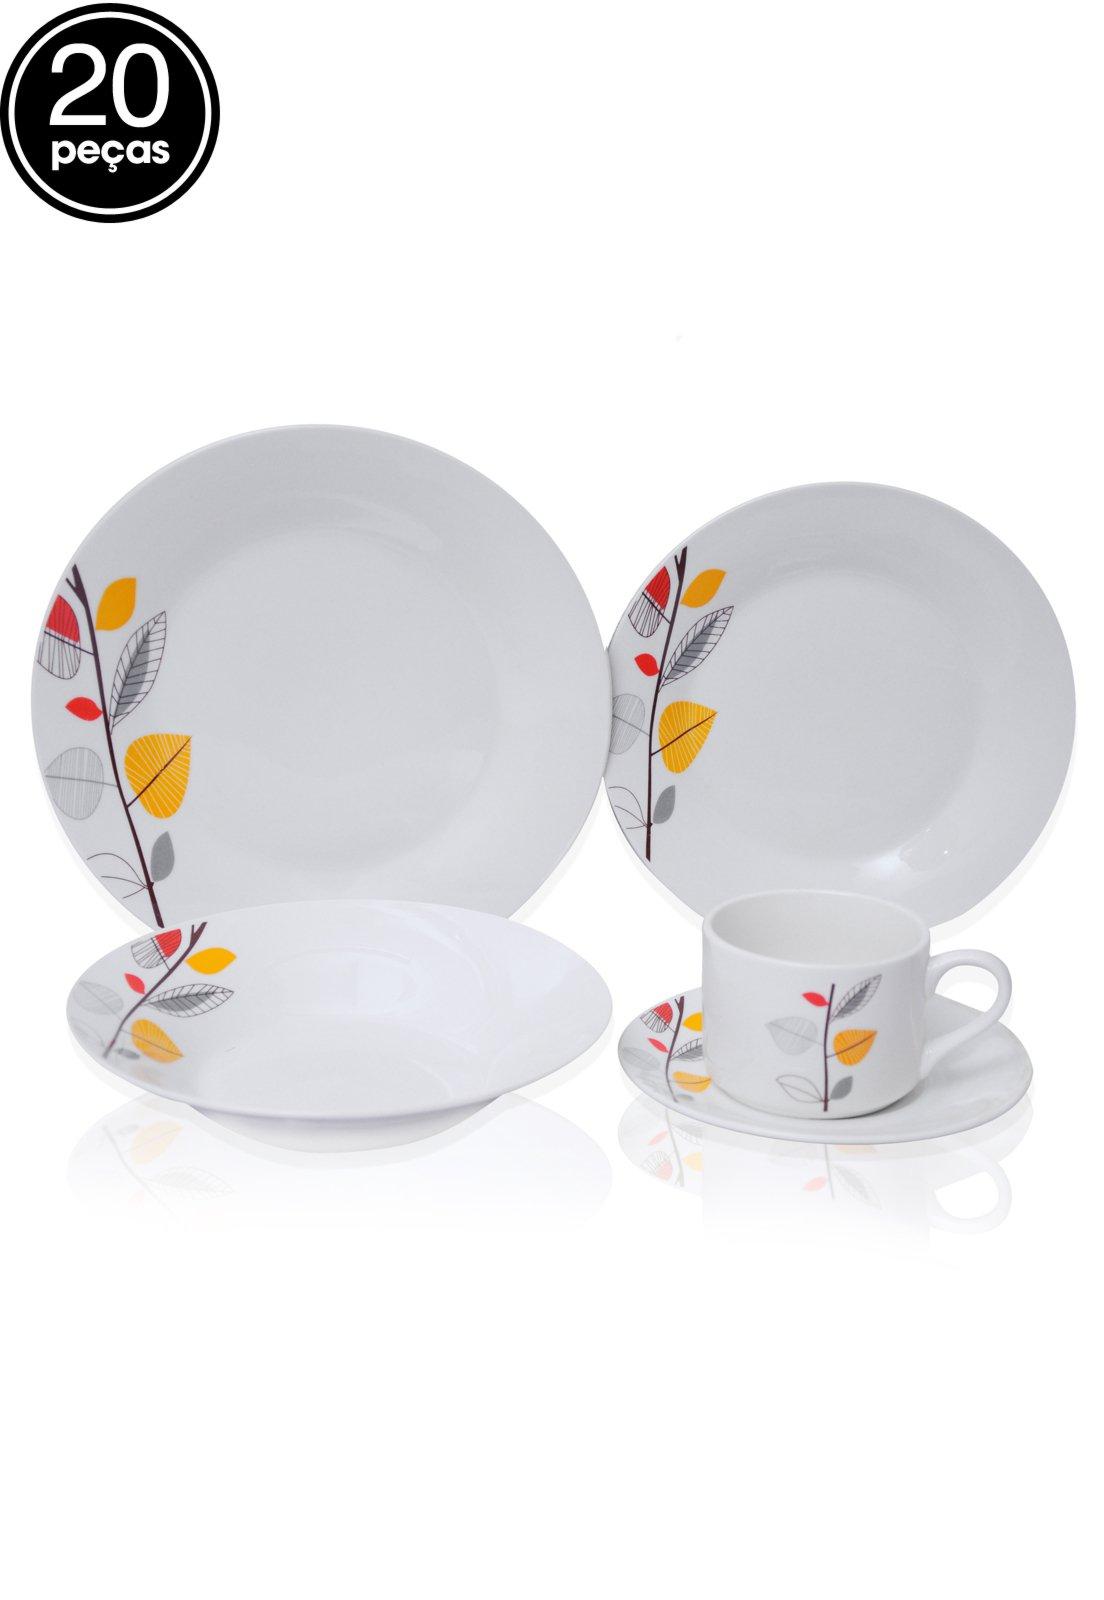 Image of: Aparelho De Jantar Inova 20 Pecas Floral Pretty Branco Compre Agora Dafiti Brasil